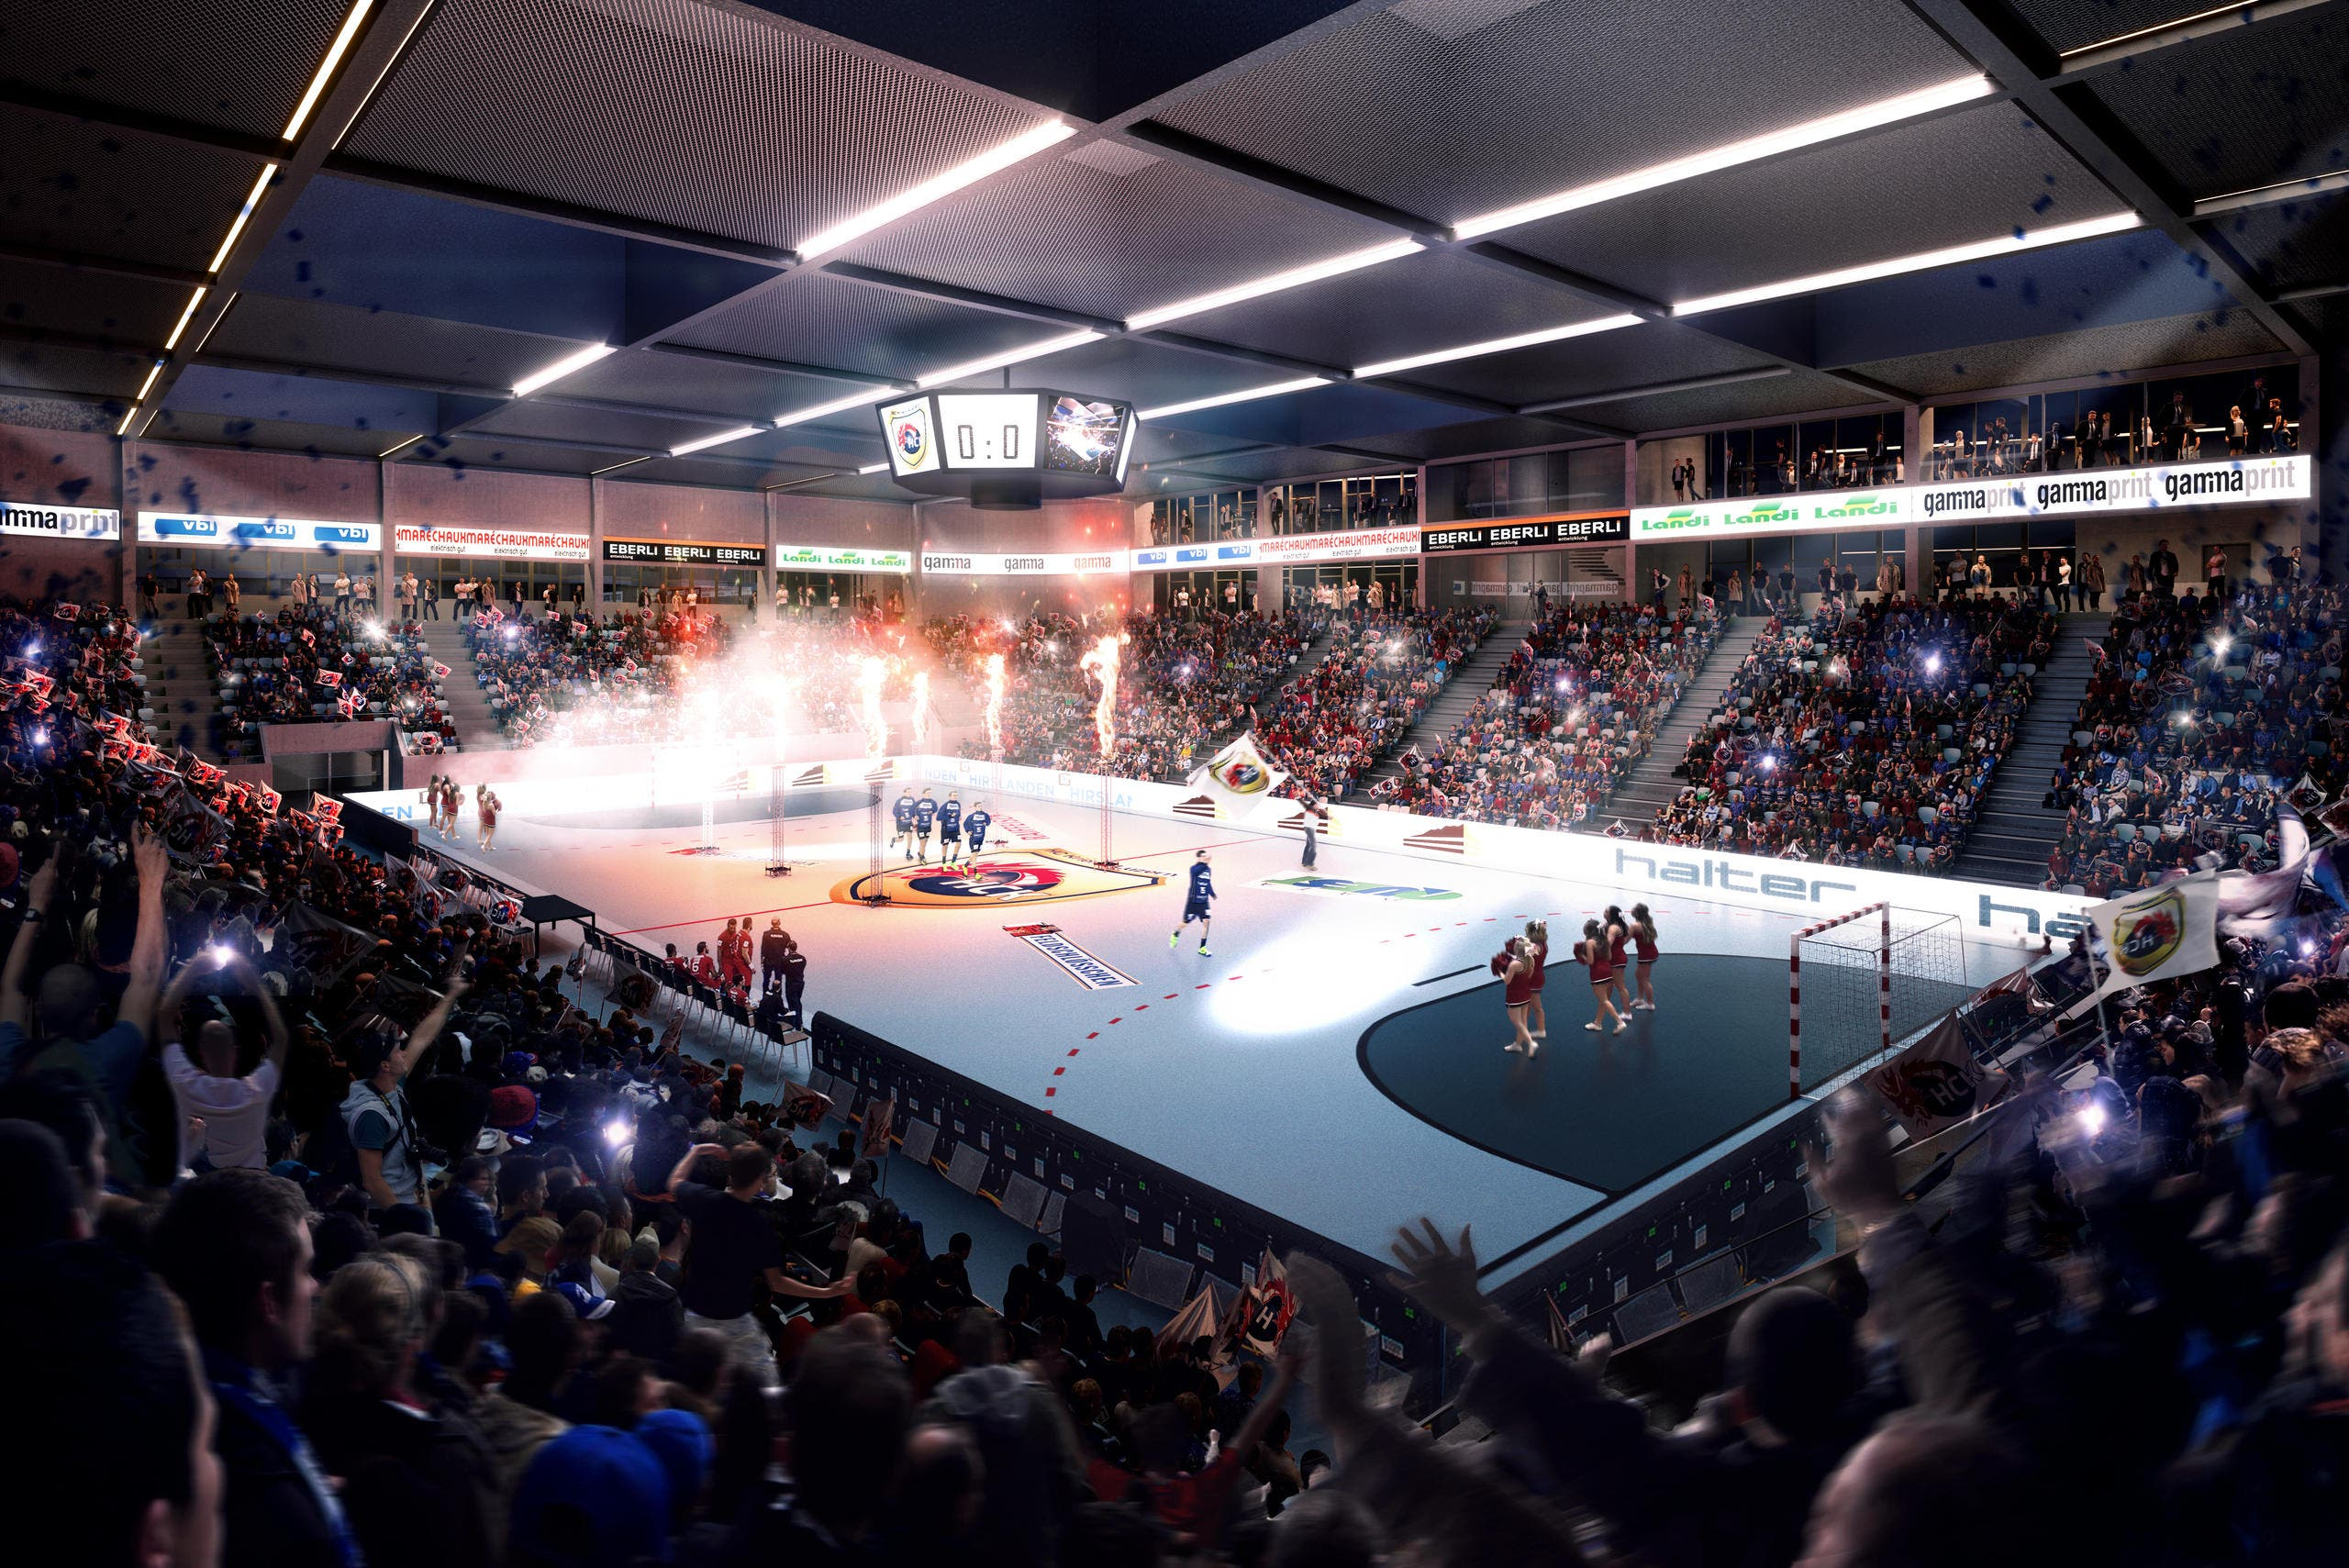 Blick in die multifunktionale Sport- und Eventhalle Pilatus-Arena in Kriens mit 4'000 Plätzen. (Bild: Visualisierung Raumgleiter AG, Zürich)